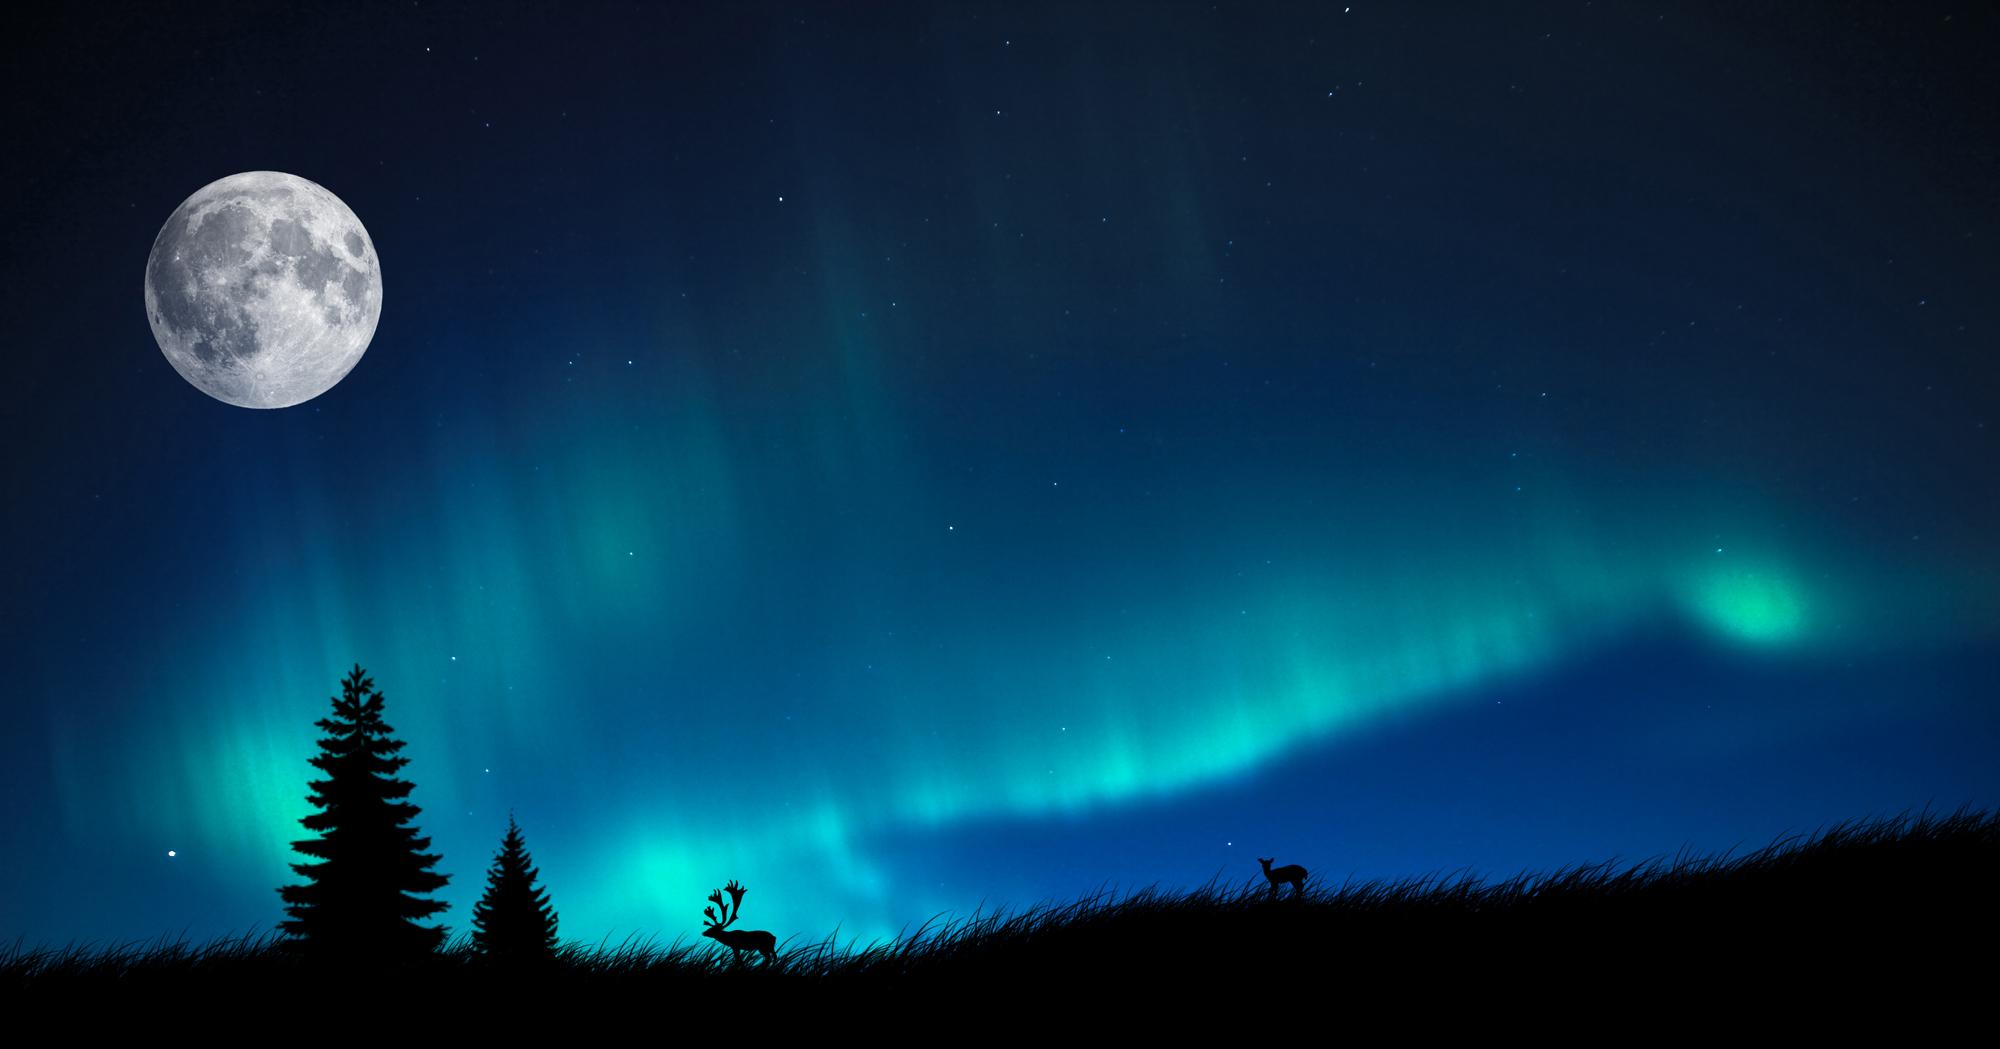 borealis alaska aura hd - photo #24